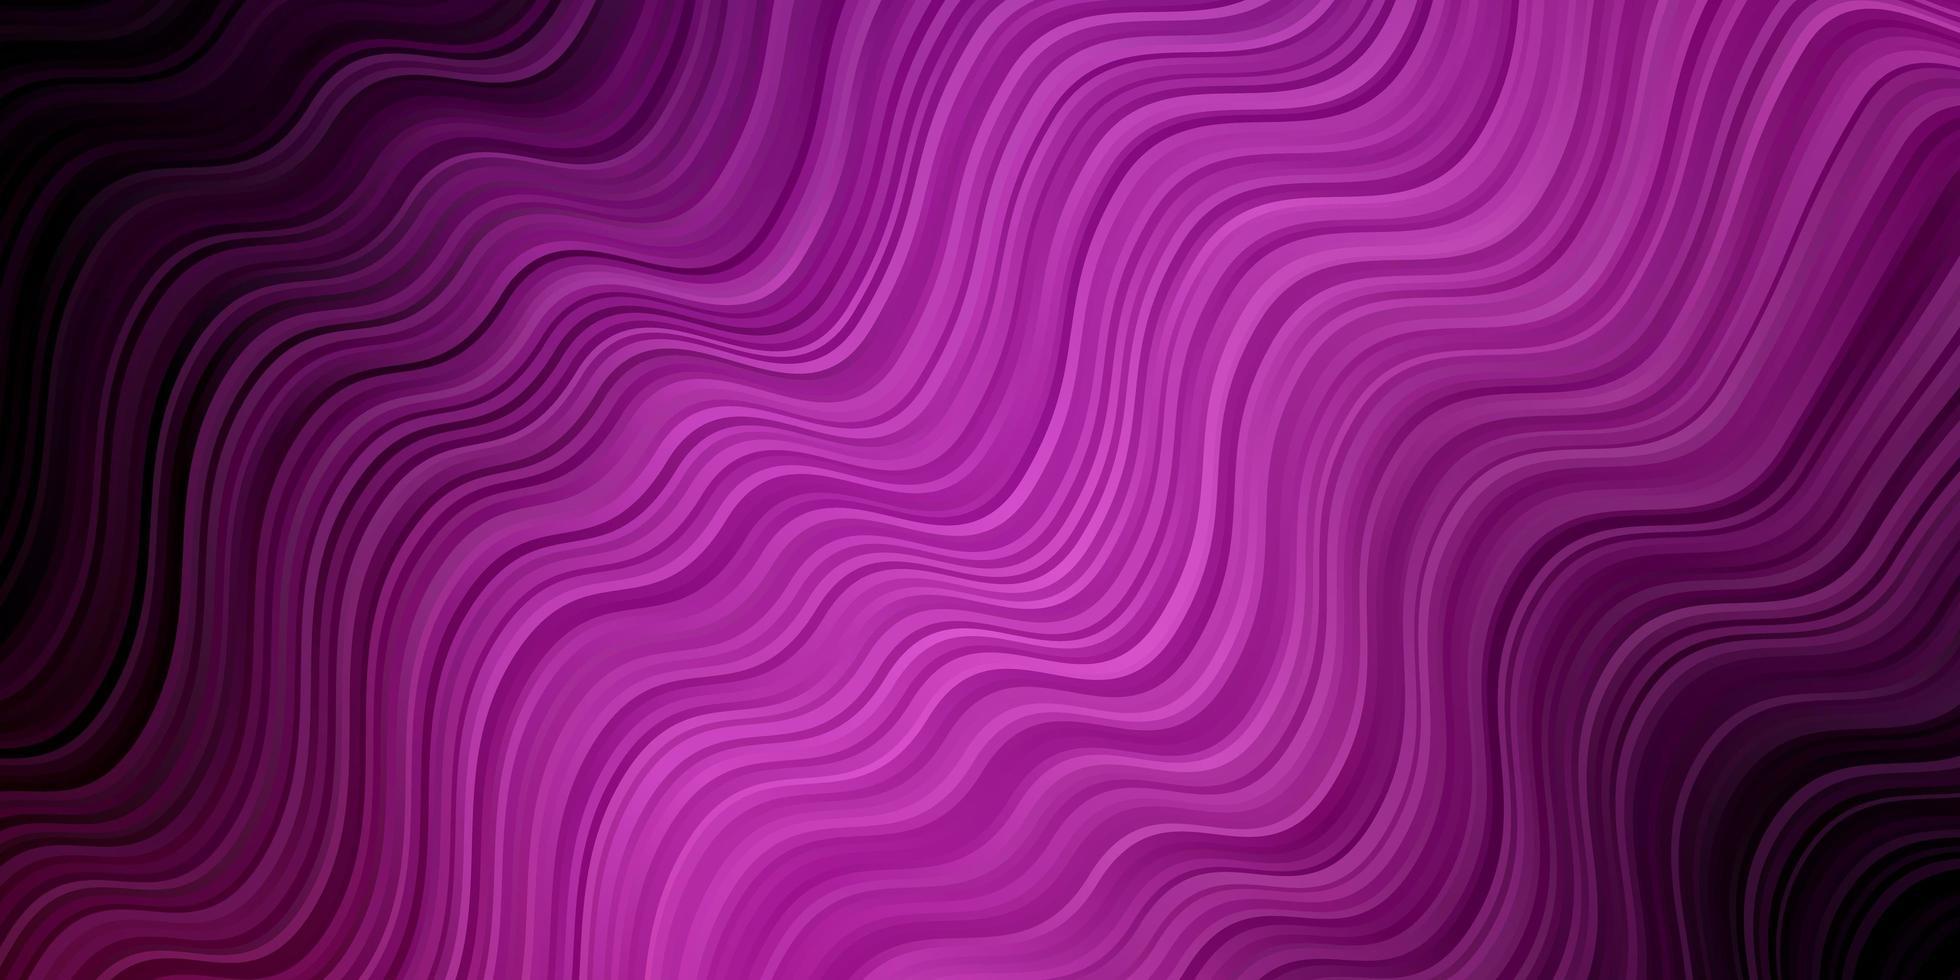 lichtpaars, roze vector sjabloon met gebogen lijnen.